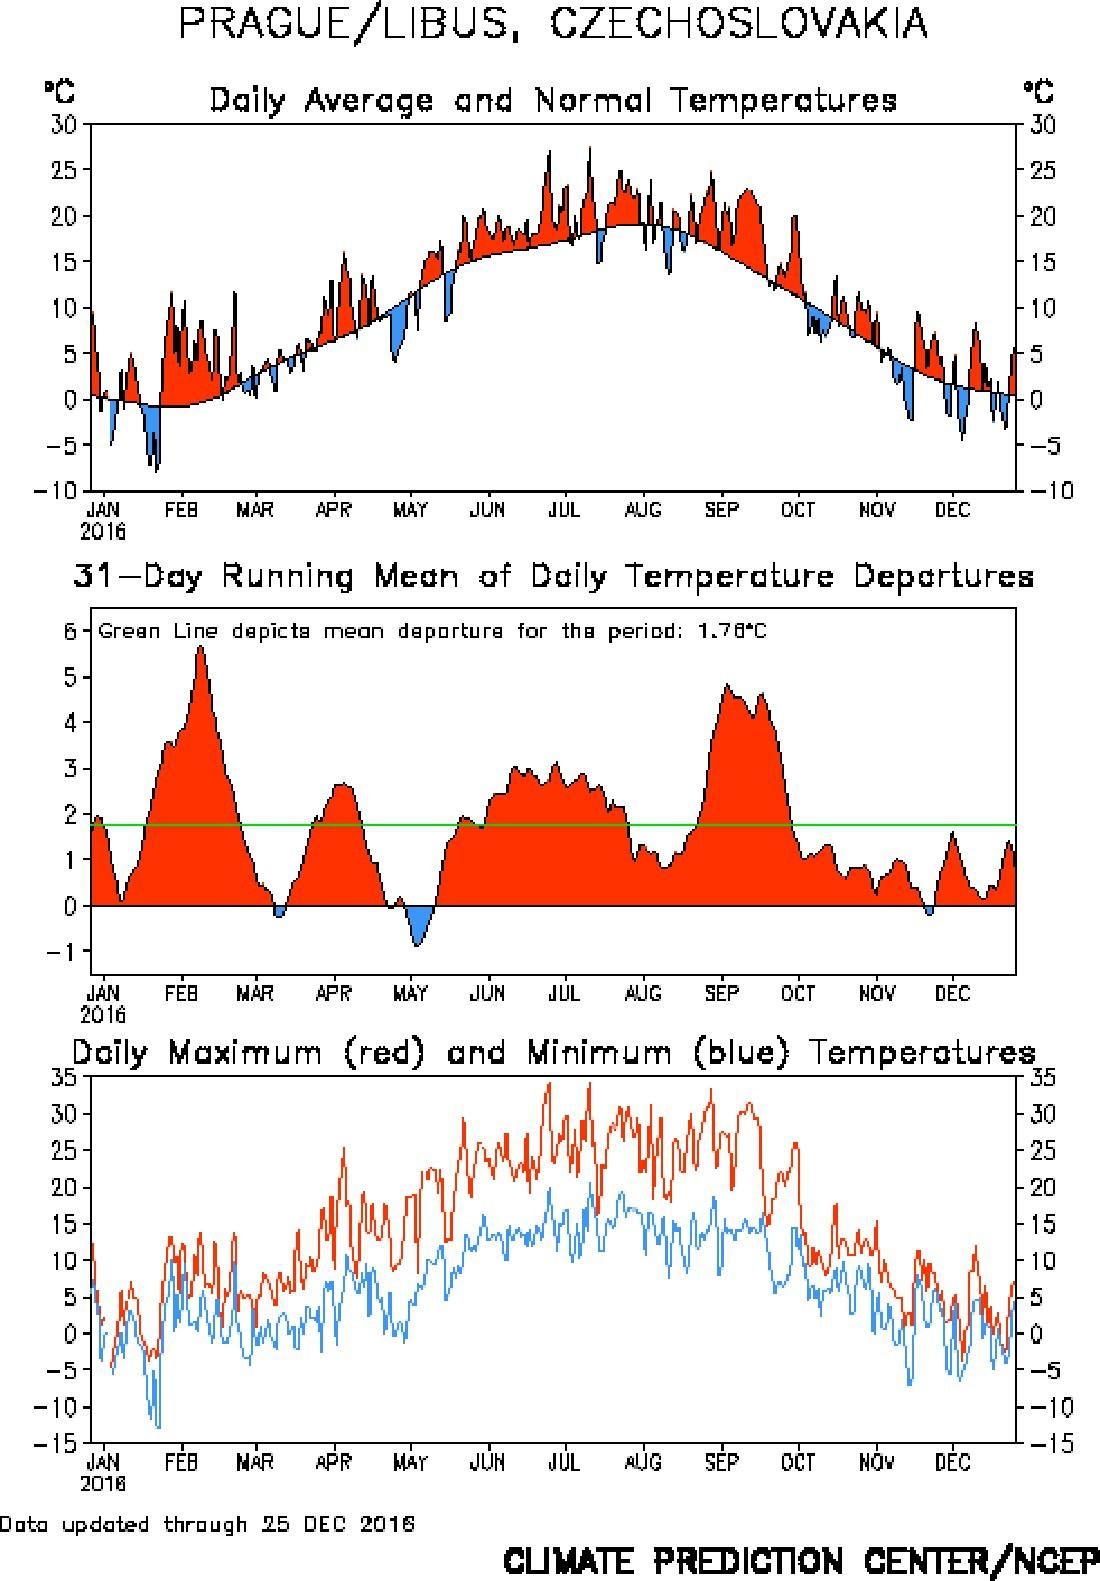 Teplota v Praze Libuši